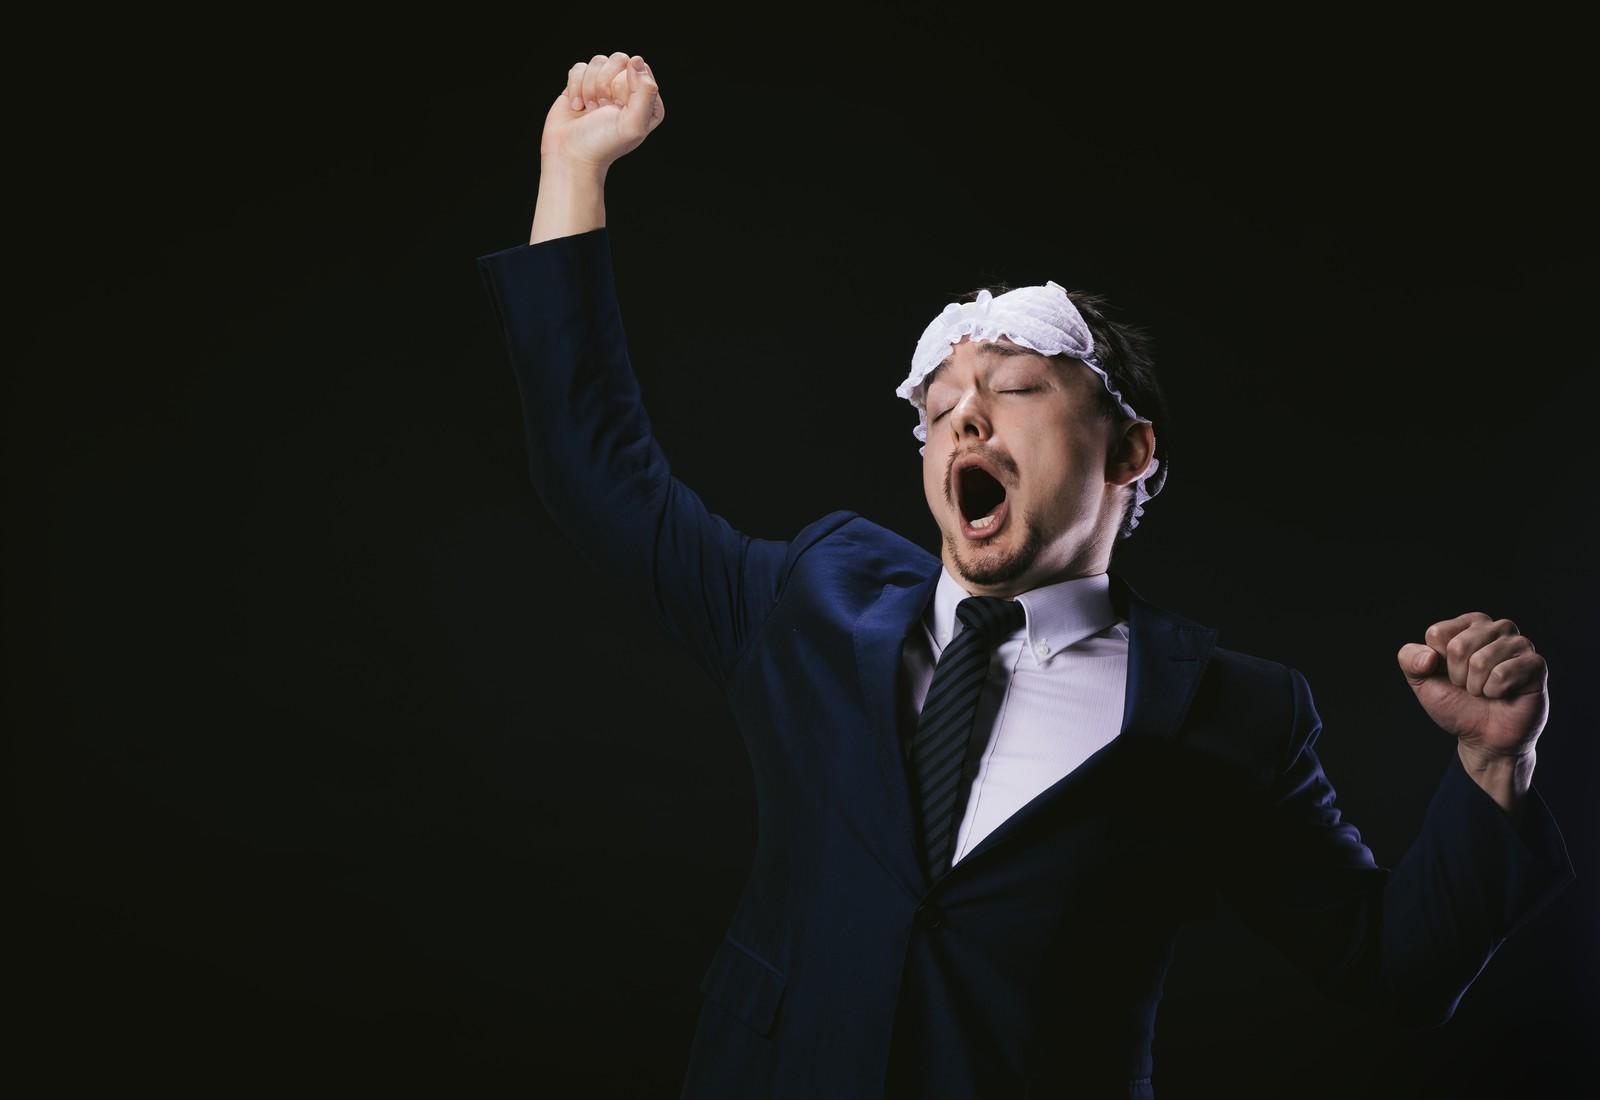 よくあくびの状態を維持して歌えって聞くけど、無理じゃね?